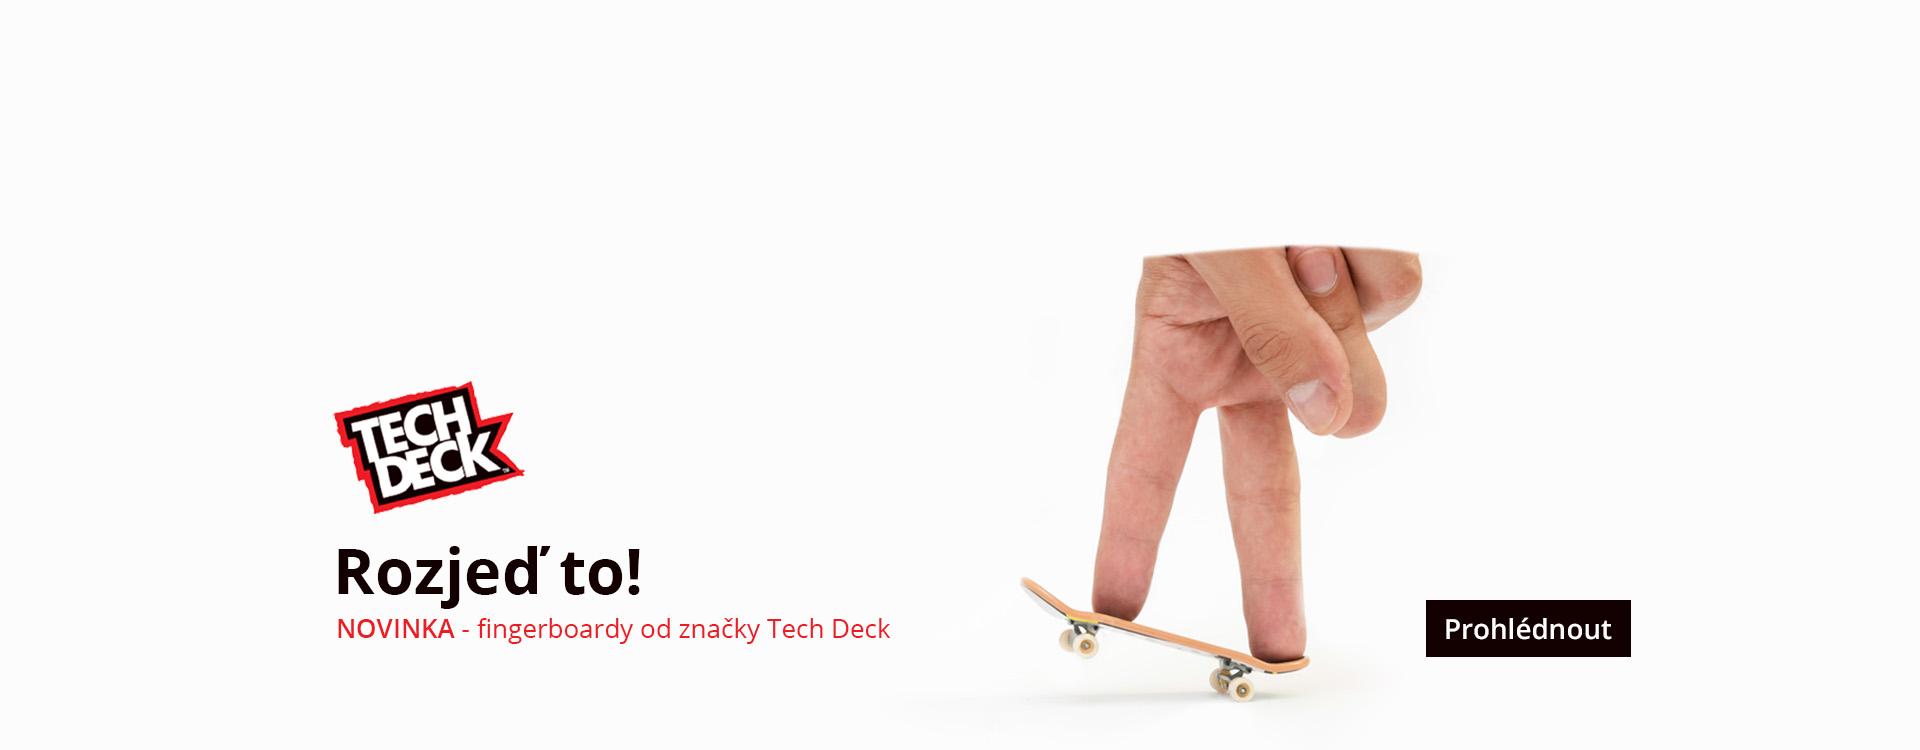 Fingerboardy 2021 desktop